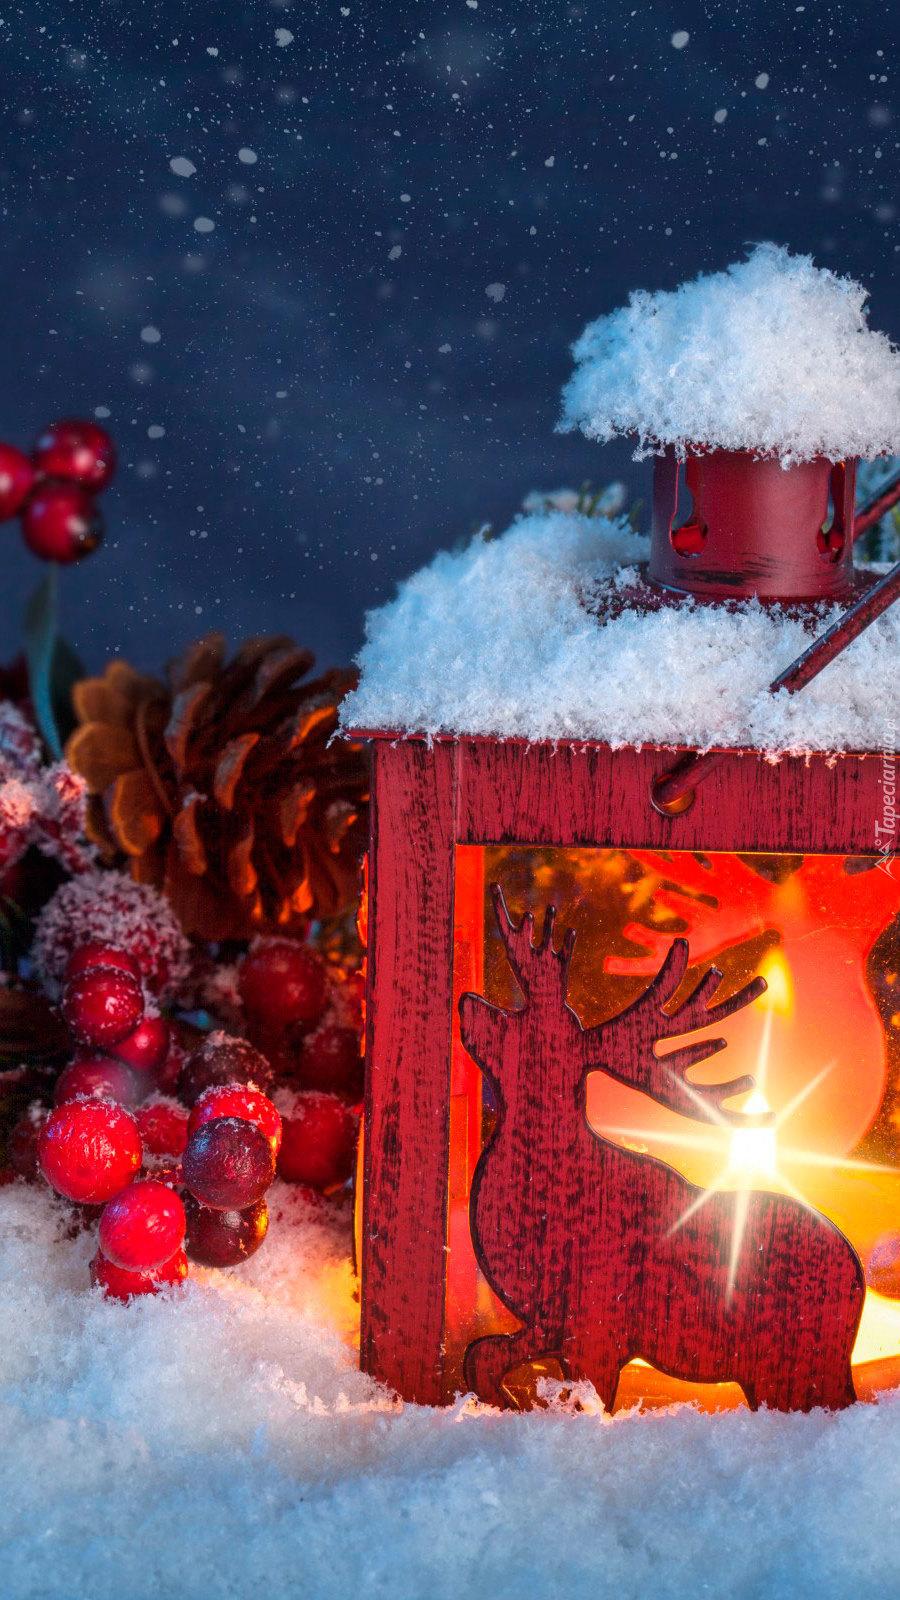 Ośnieżony świąteczny lampion